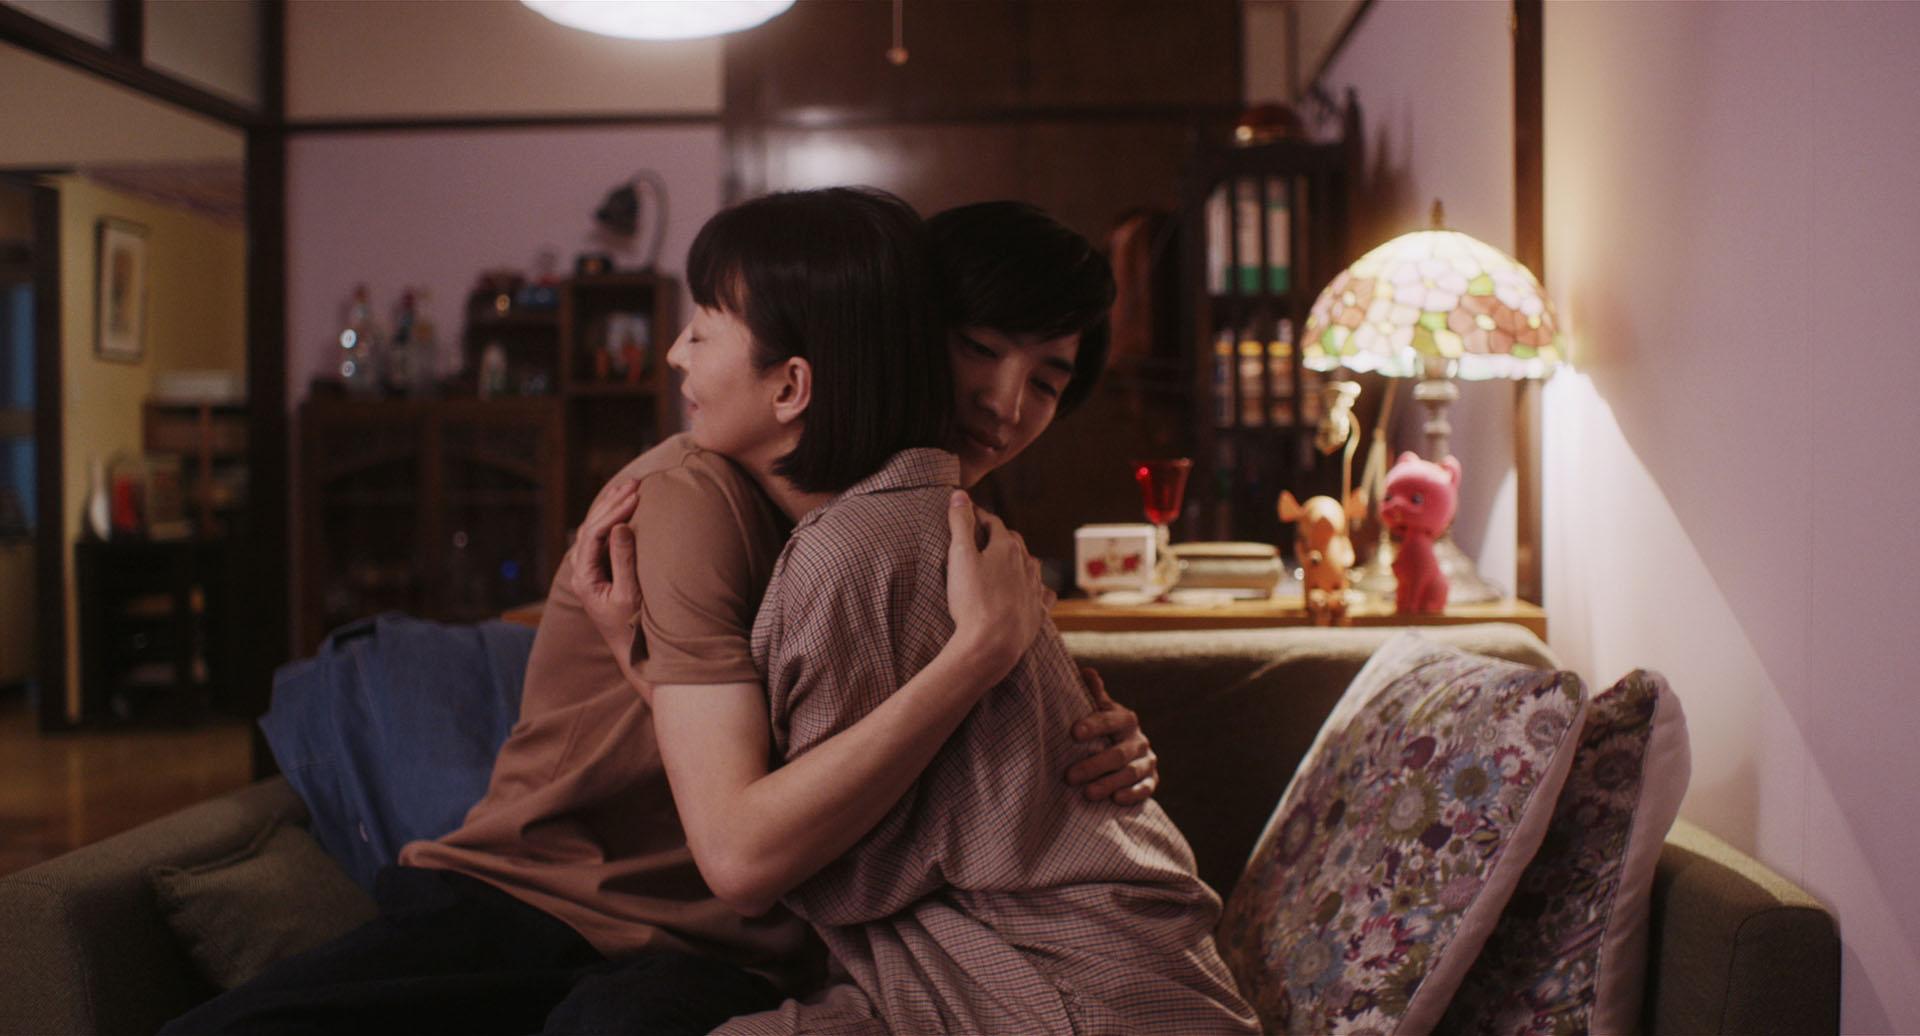 松雪泰子(左)、清水尋也(右)譜出一段女大男小的忘年戀曲,展開甜蜜同居生活